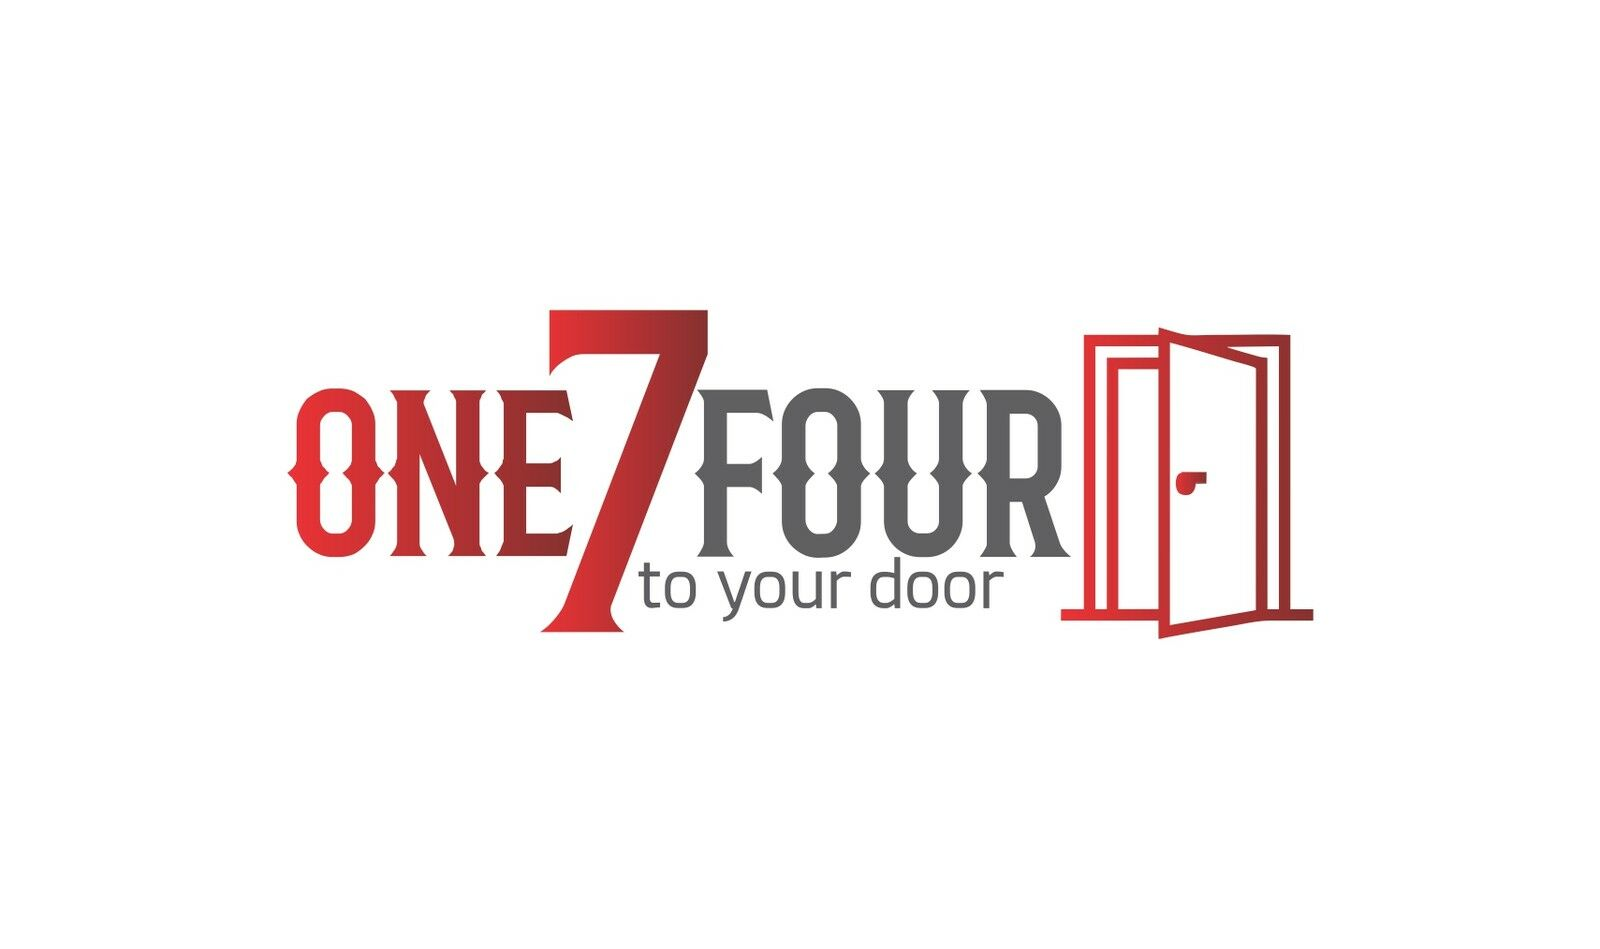 one7fourtoyourdoor